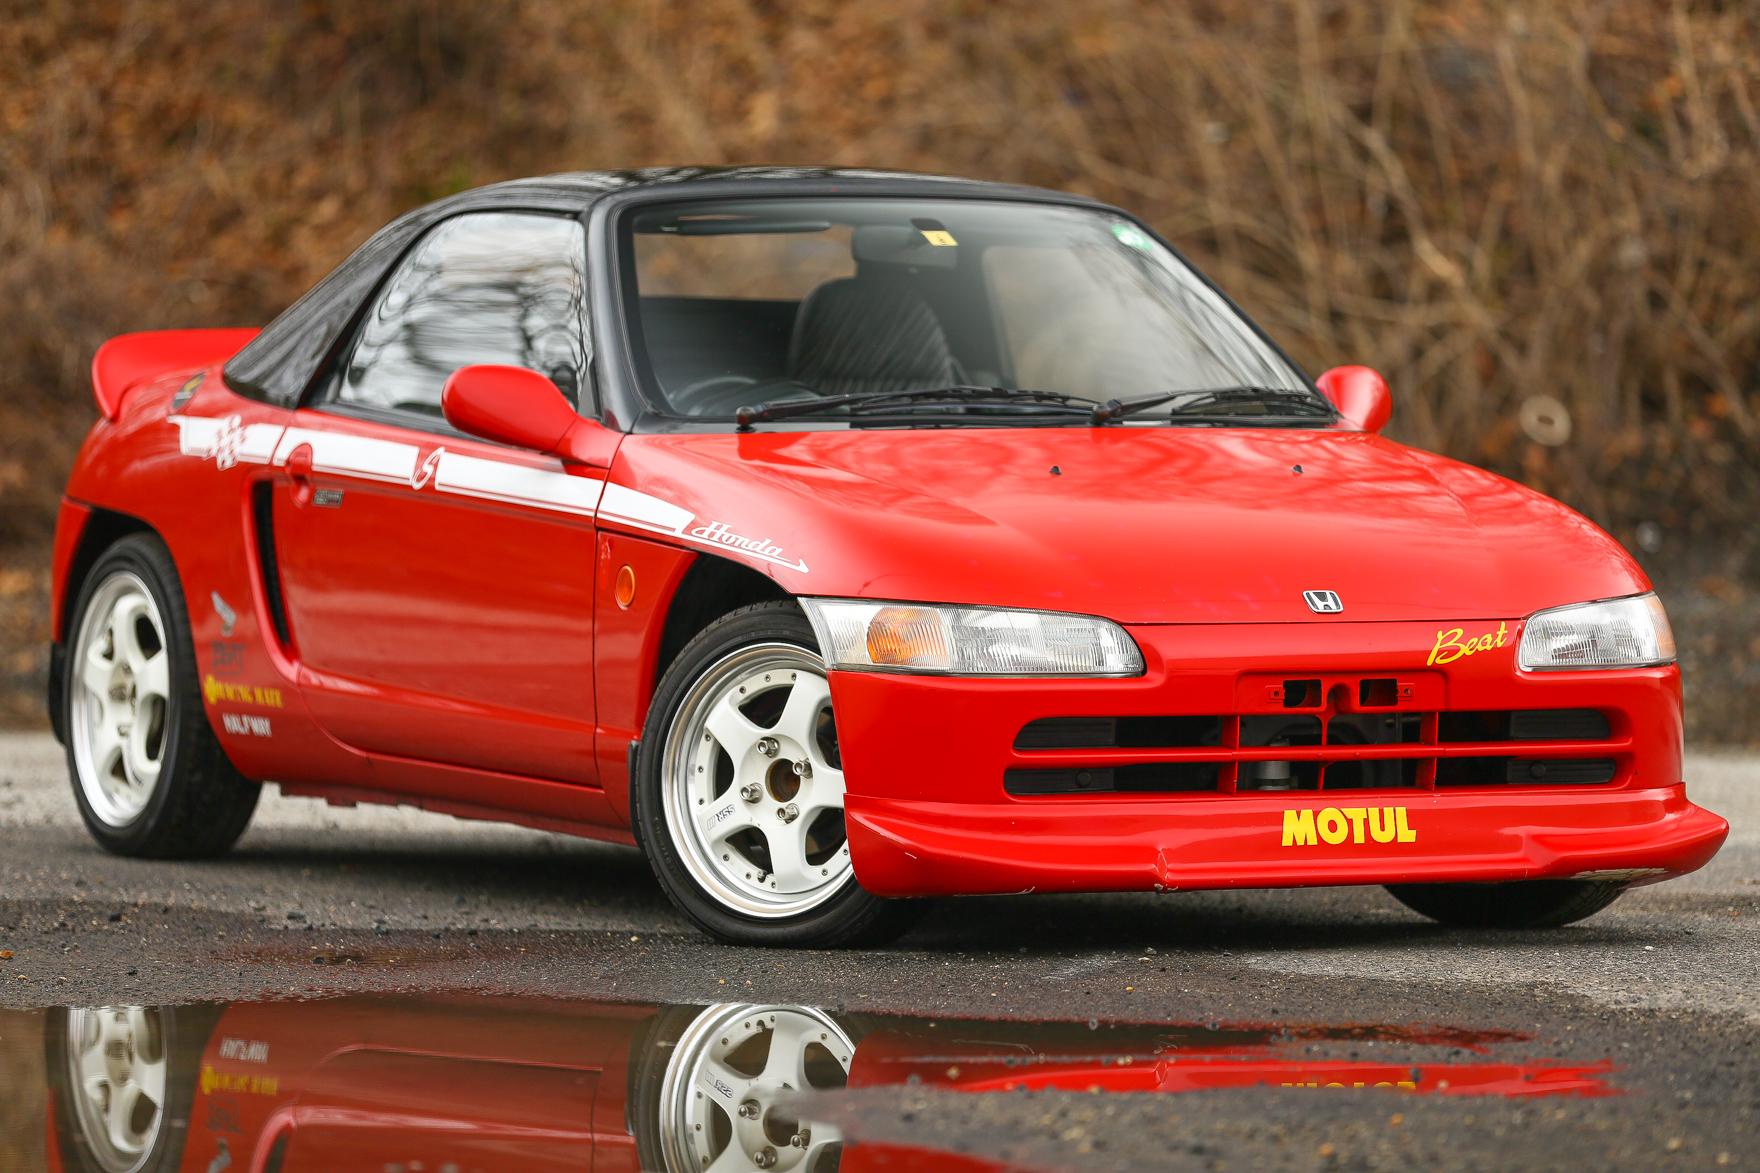 1991 Honda Beat - $12,750